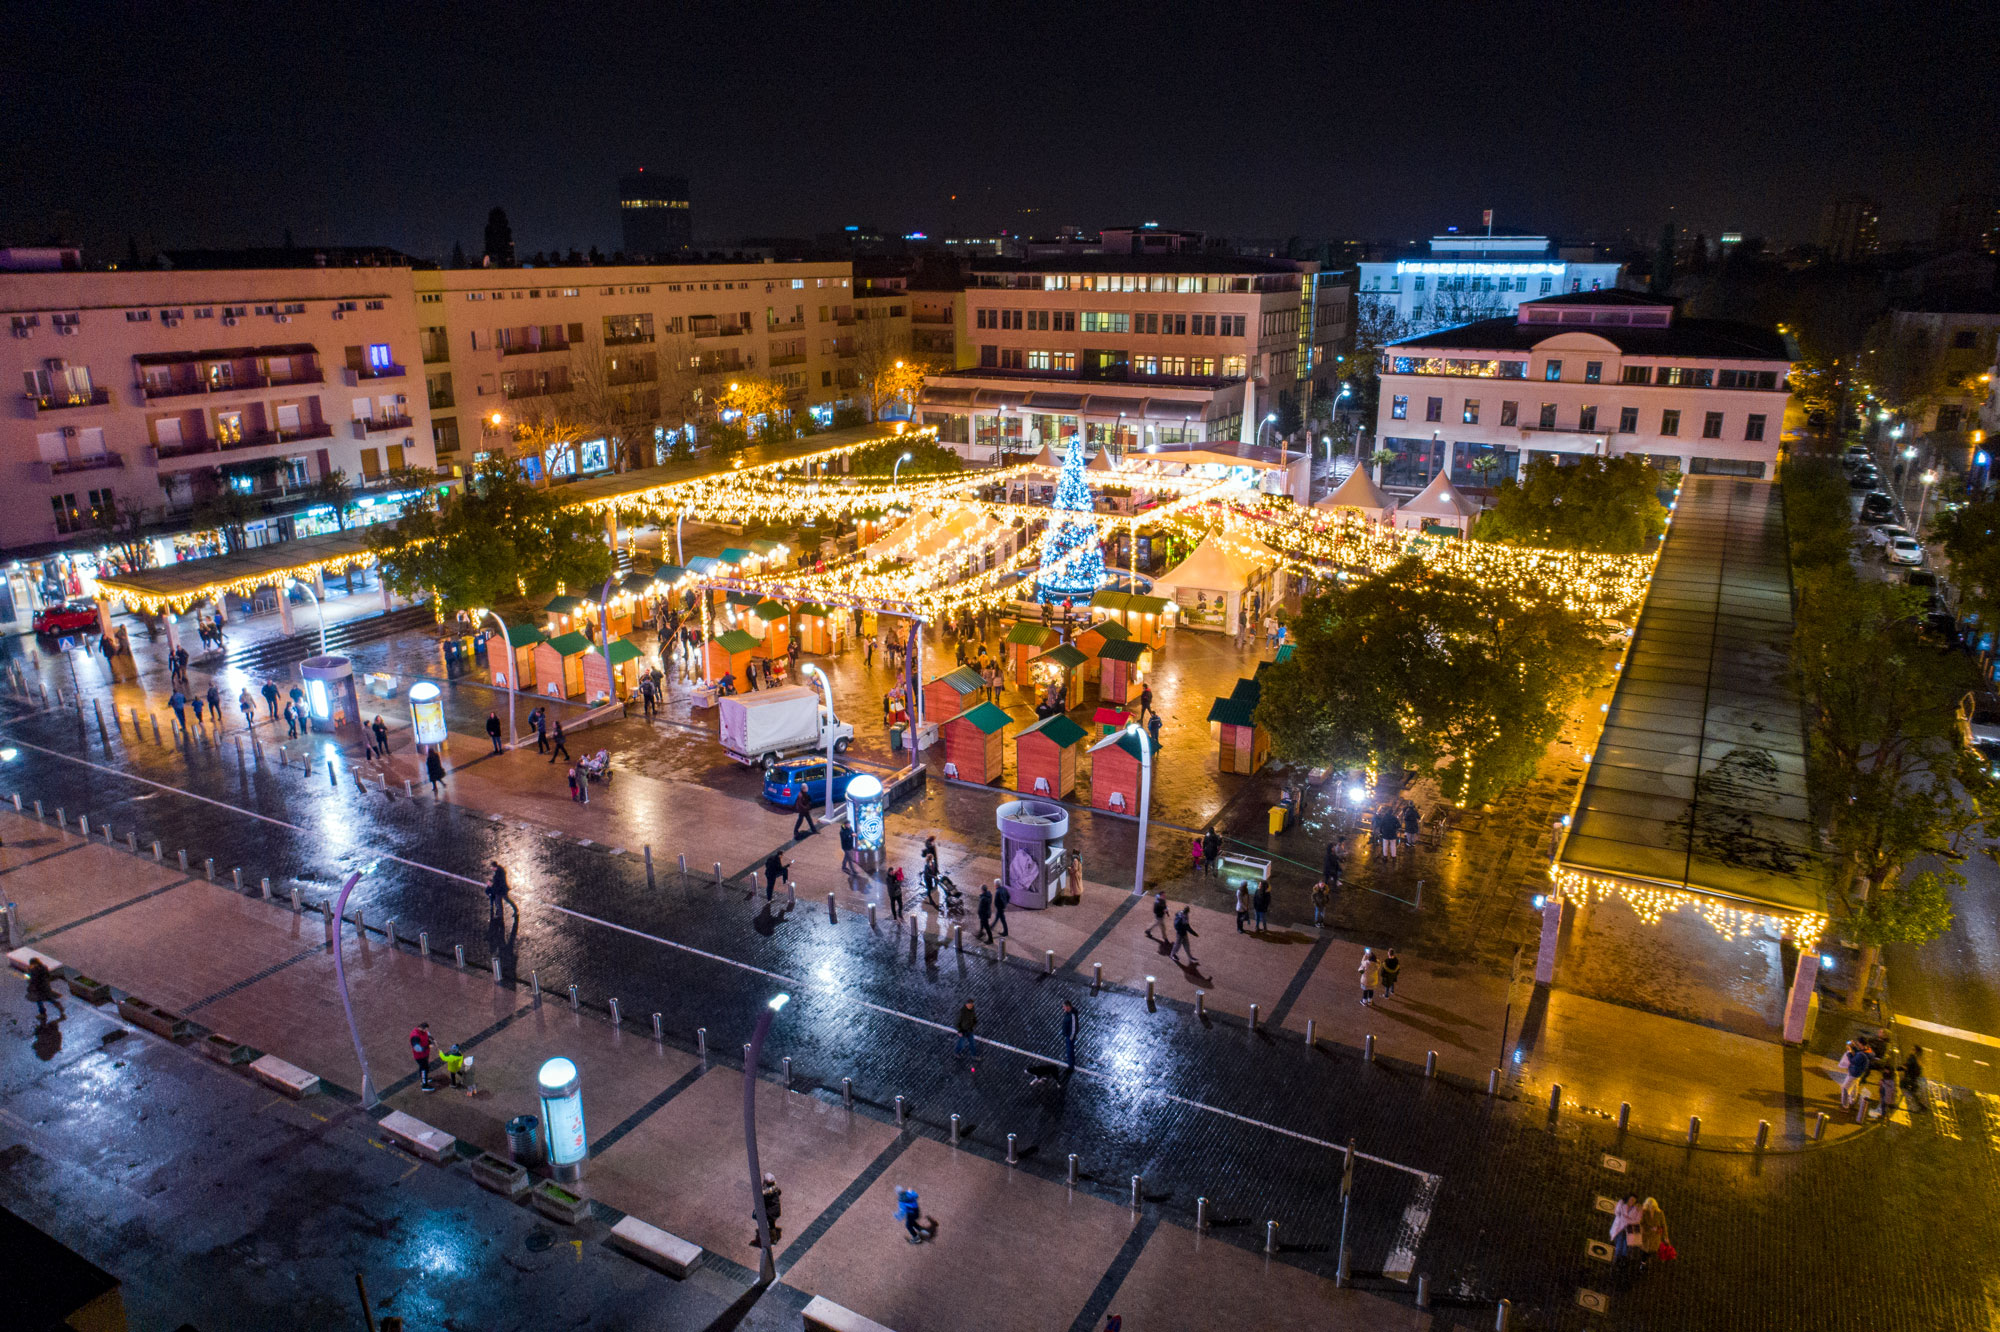 Glavni grad i ove godine planira da organizuje proslavu novogodišnjih praznika na Trgu nezavisnosti